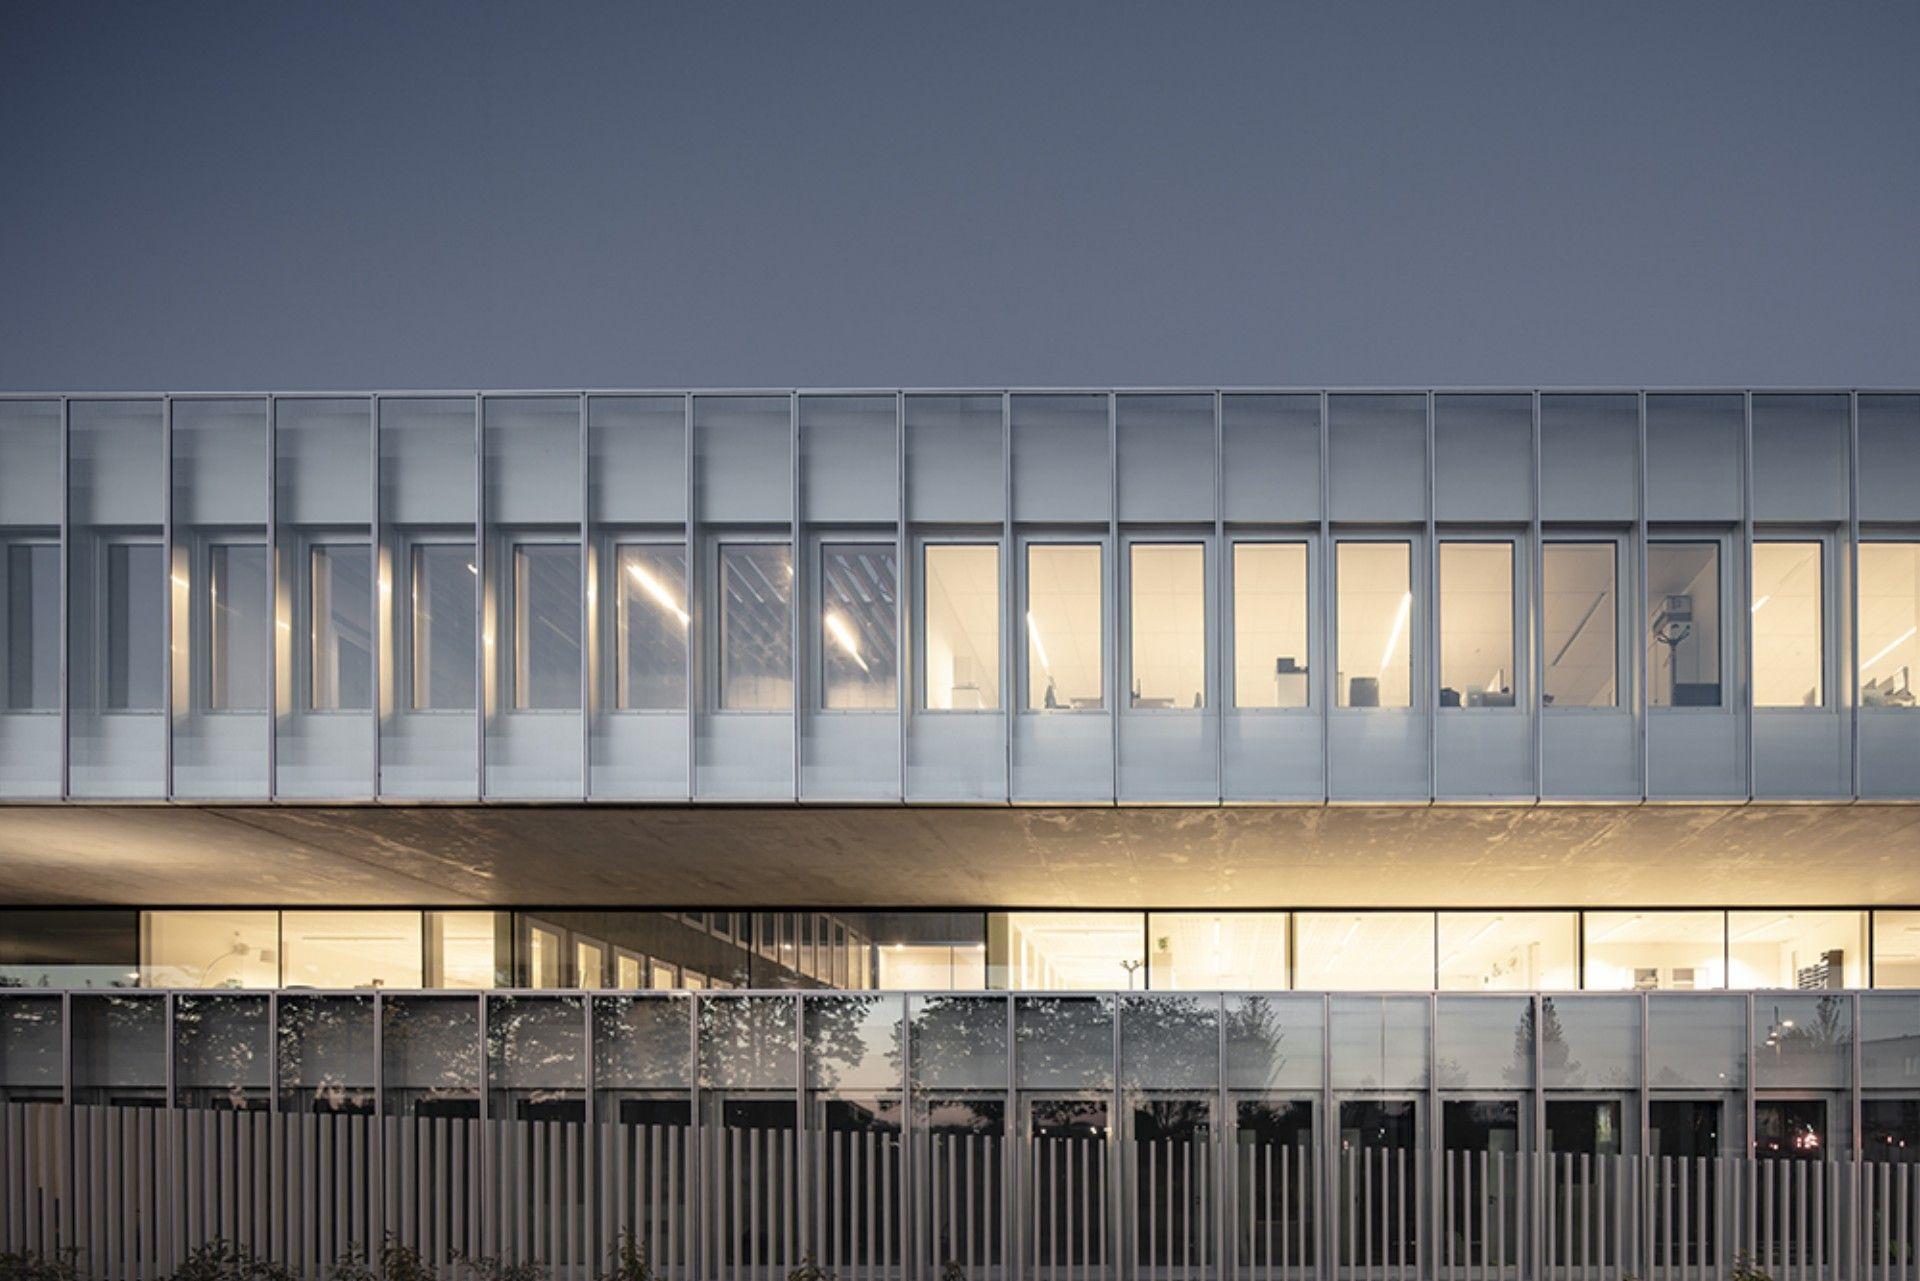 The Kaan And Pranlasdescours Firms Design The New Chambre De